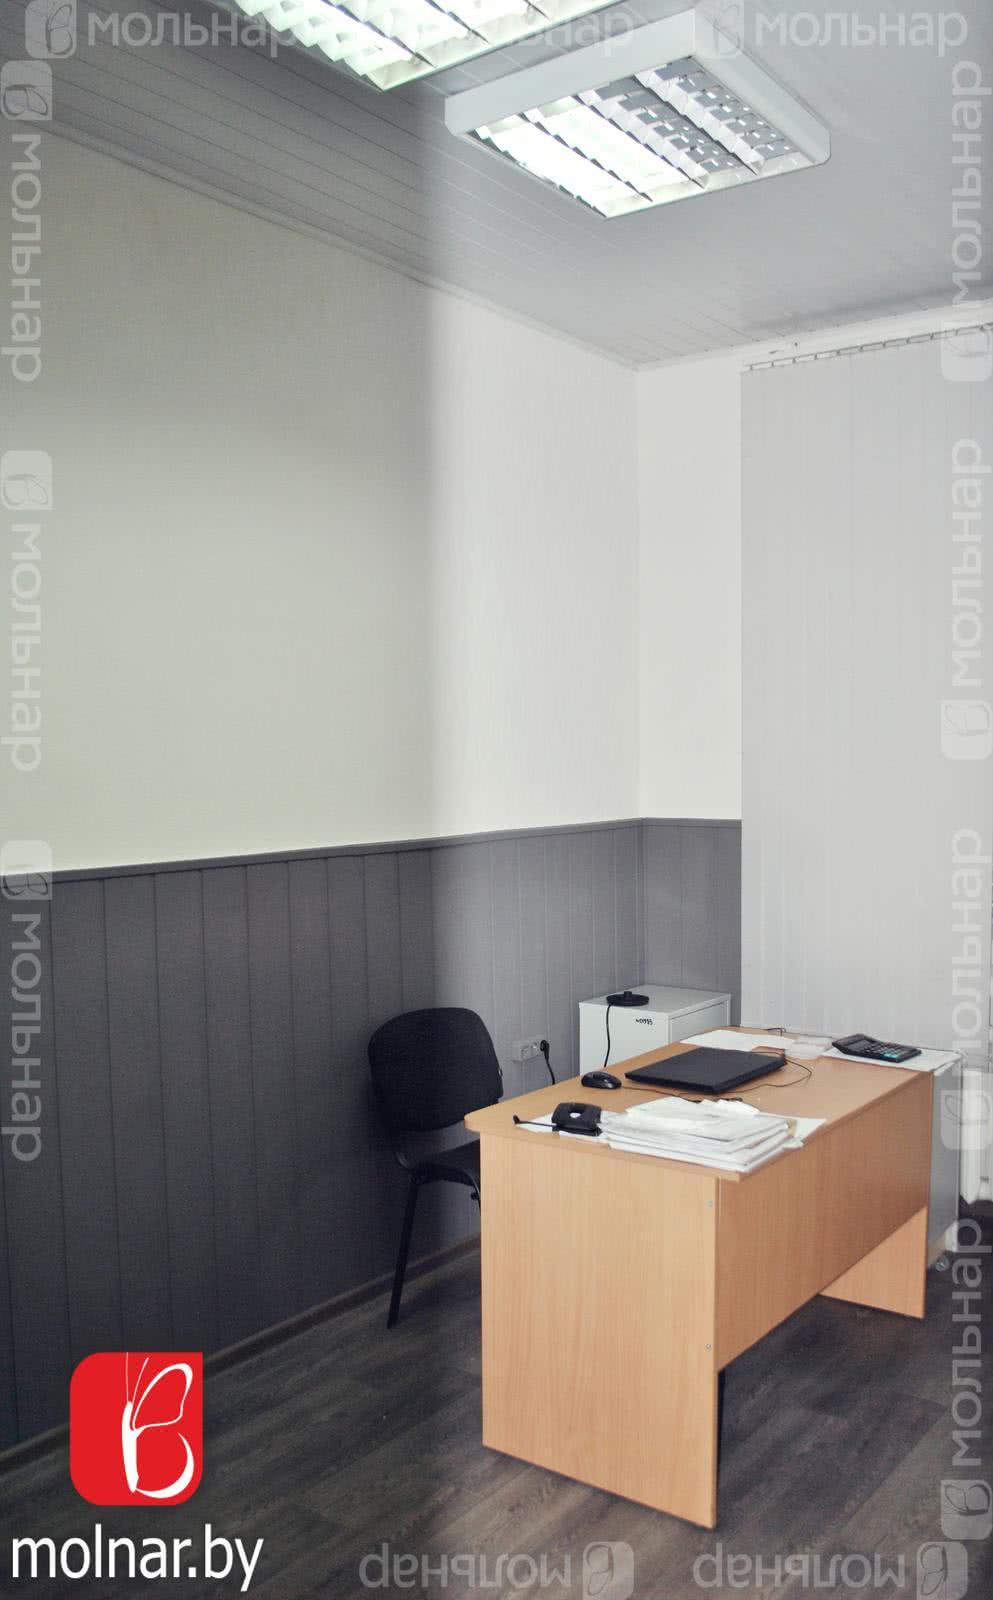 Купить складское помещение на ул. Полевая, д. 24 в Минске - фото 5